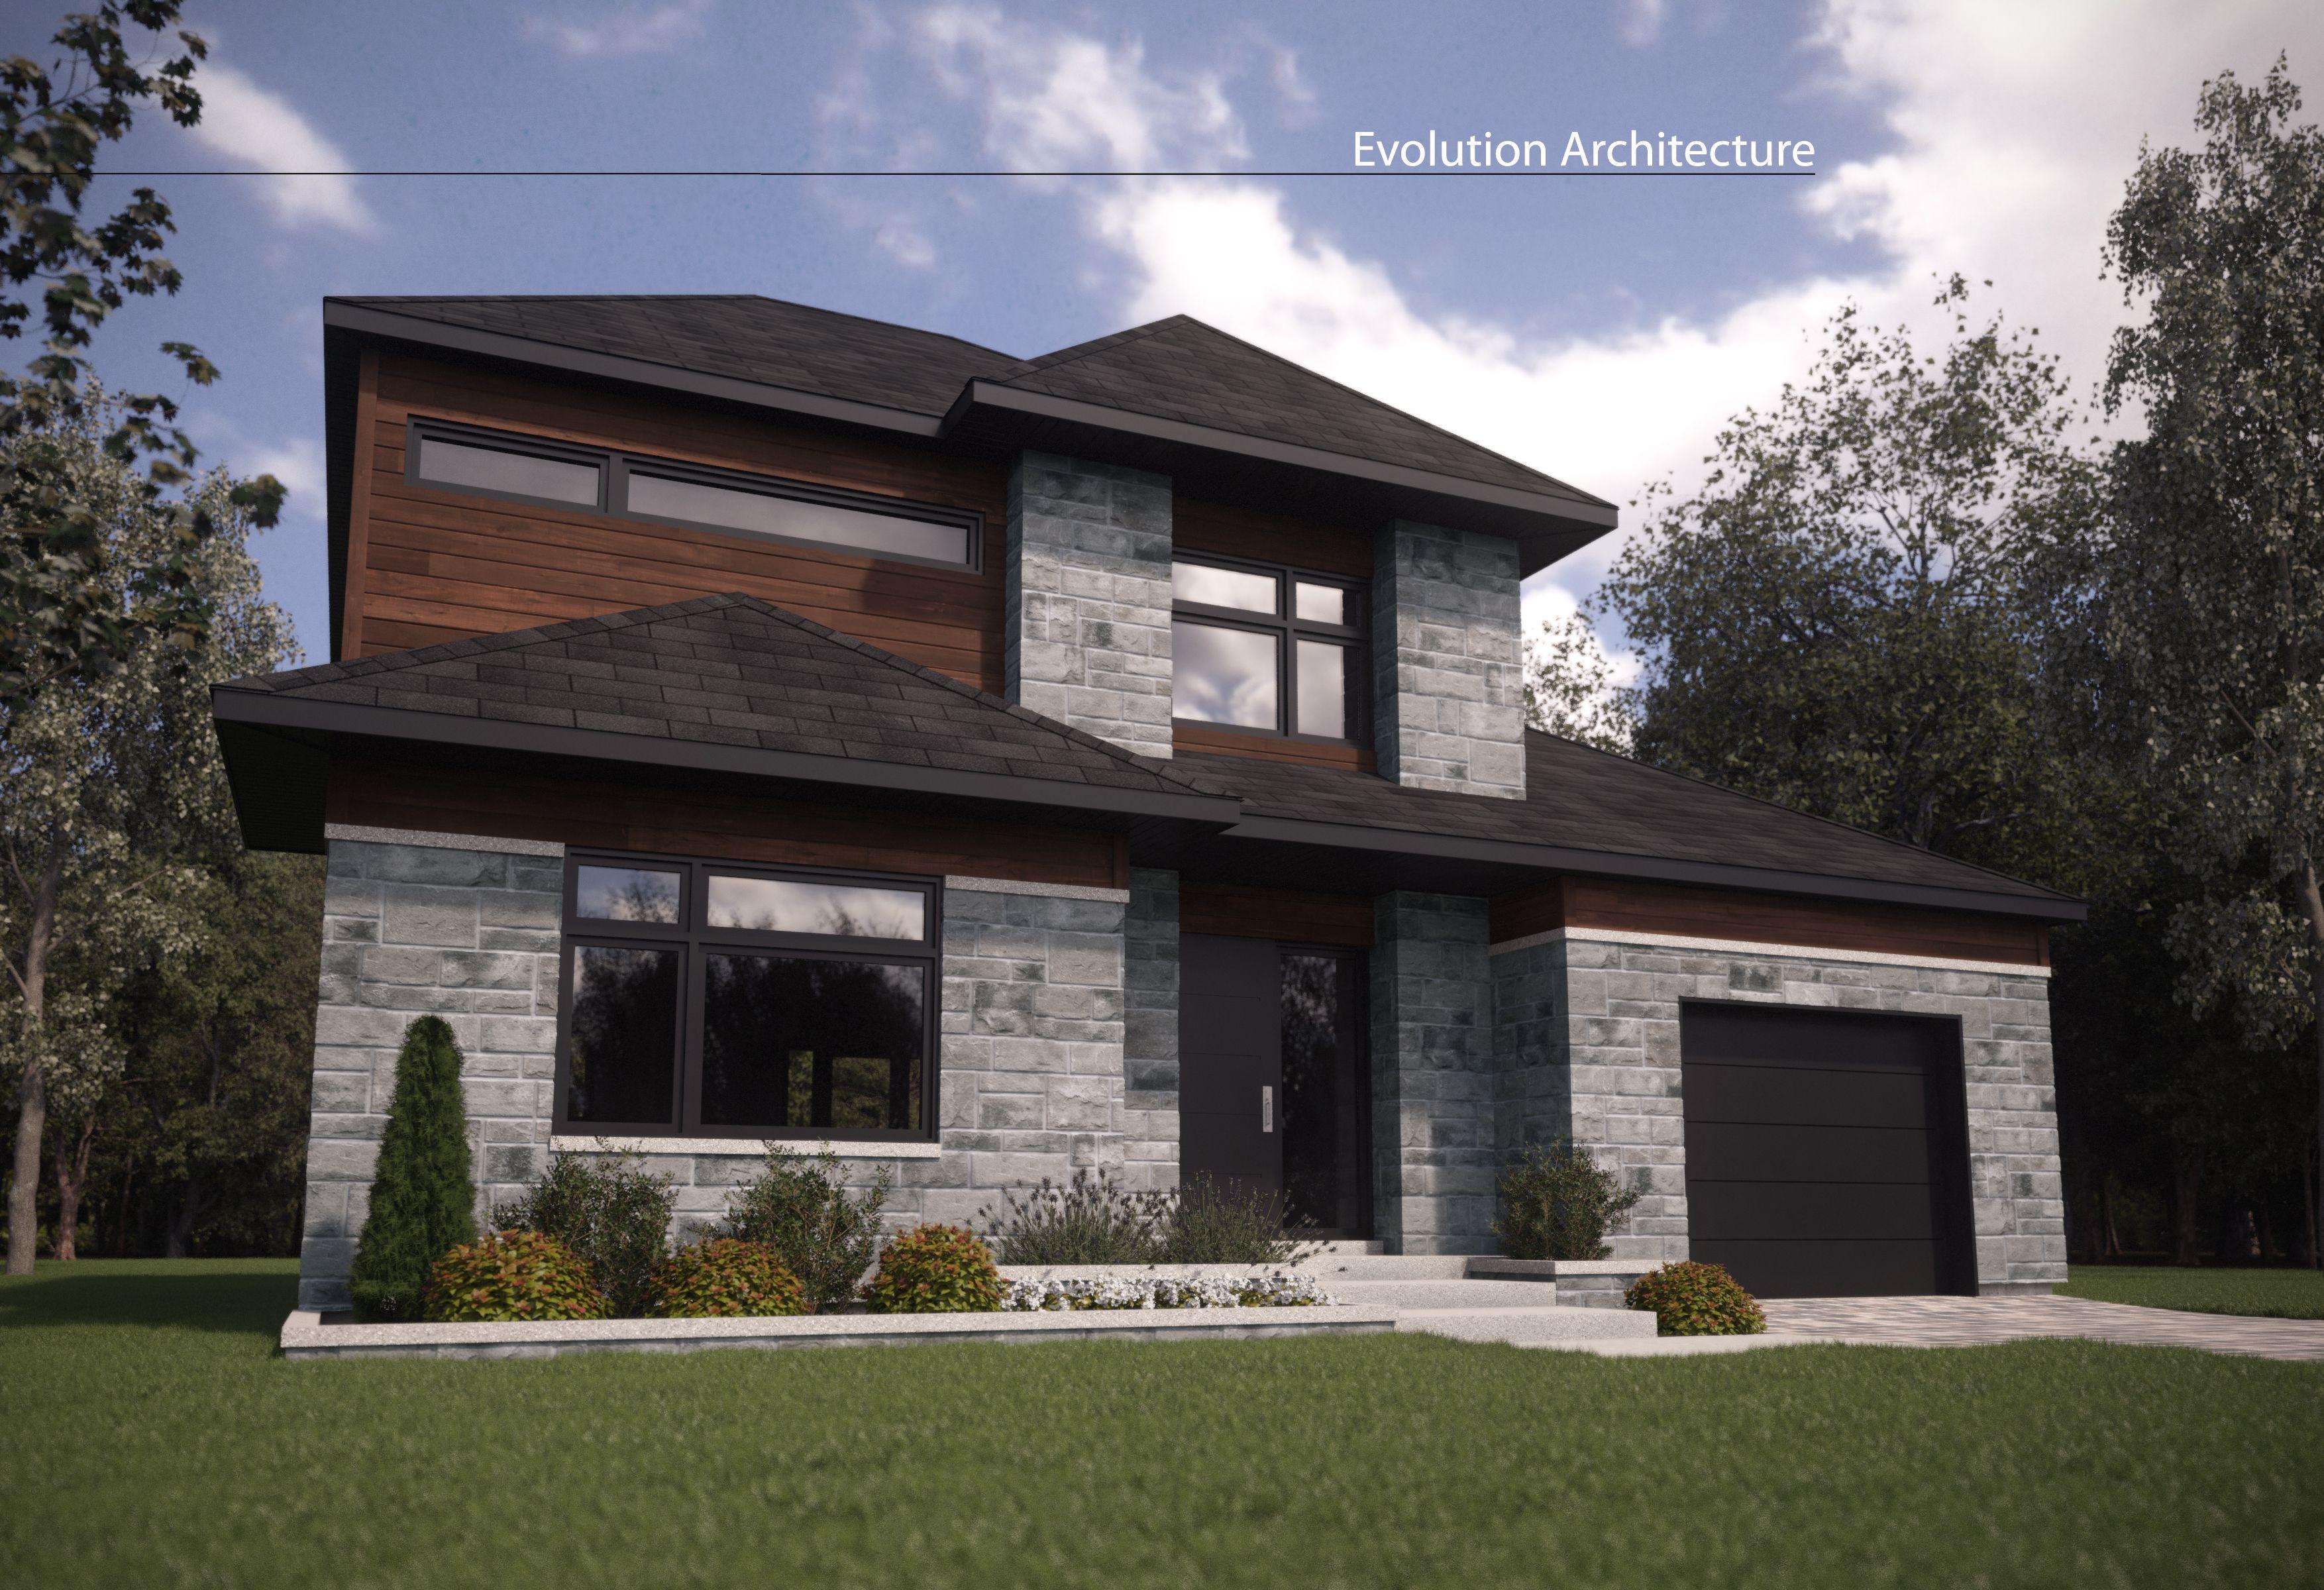 Evolution Architecture, maison contemporaine, Projet rénovation R ...